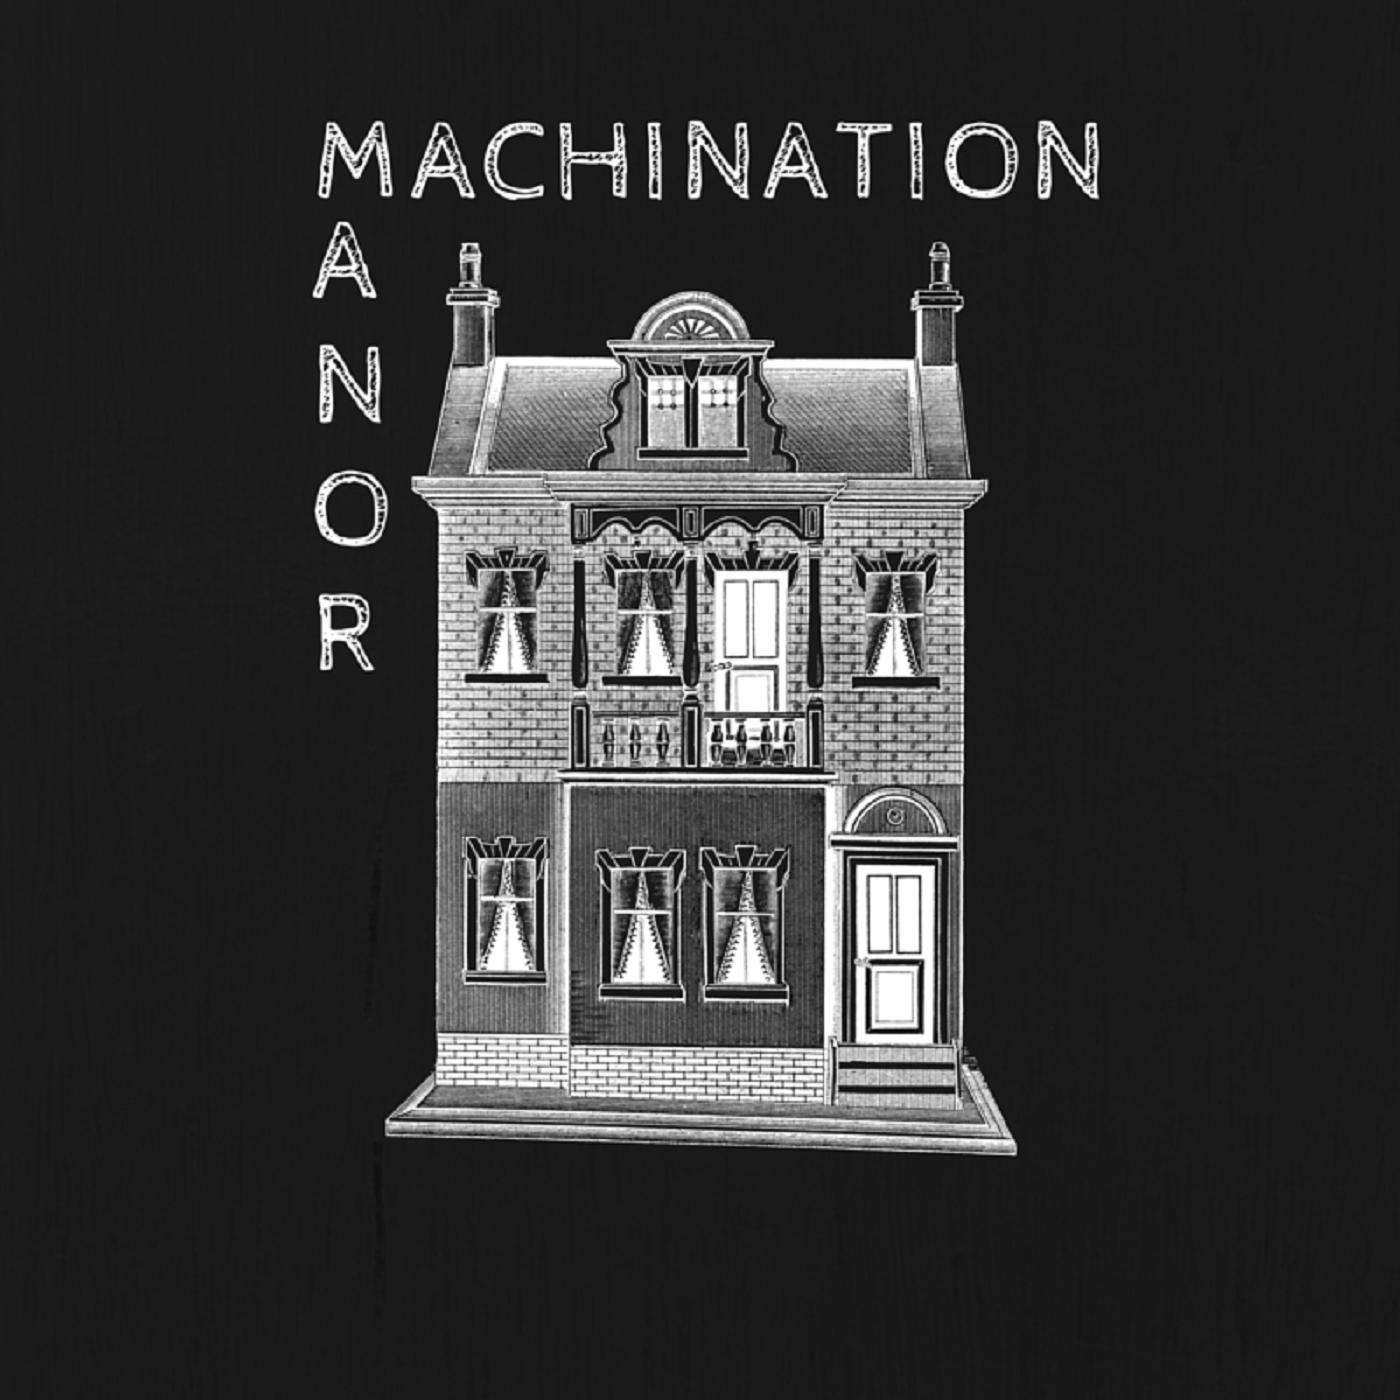 Machination Manor